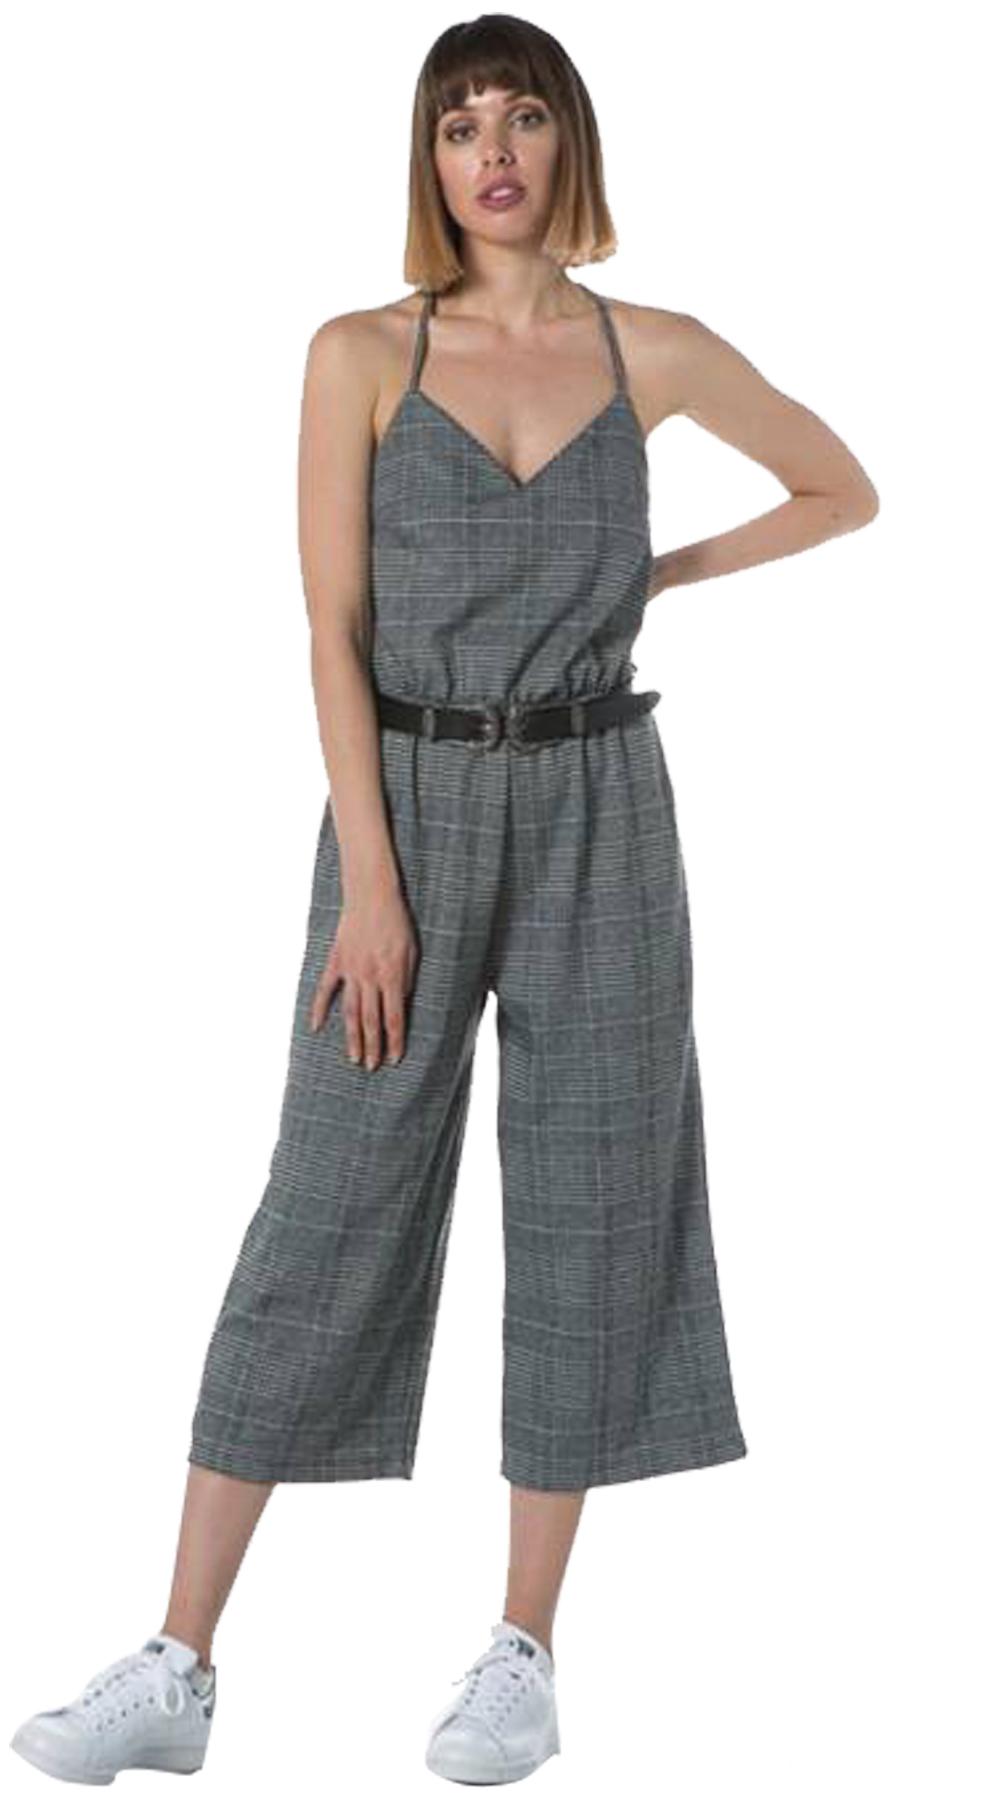 Γυναικεία καρό ολόσωμη φόρμα ζιπ κιλότ (ΔΙΑΘΕΣΙΜΟ ΓΙΑ ΠΡΟΠΑΡΑΓΓΕΛΙΕΣ) - OEM - FA top trends casual chic